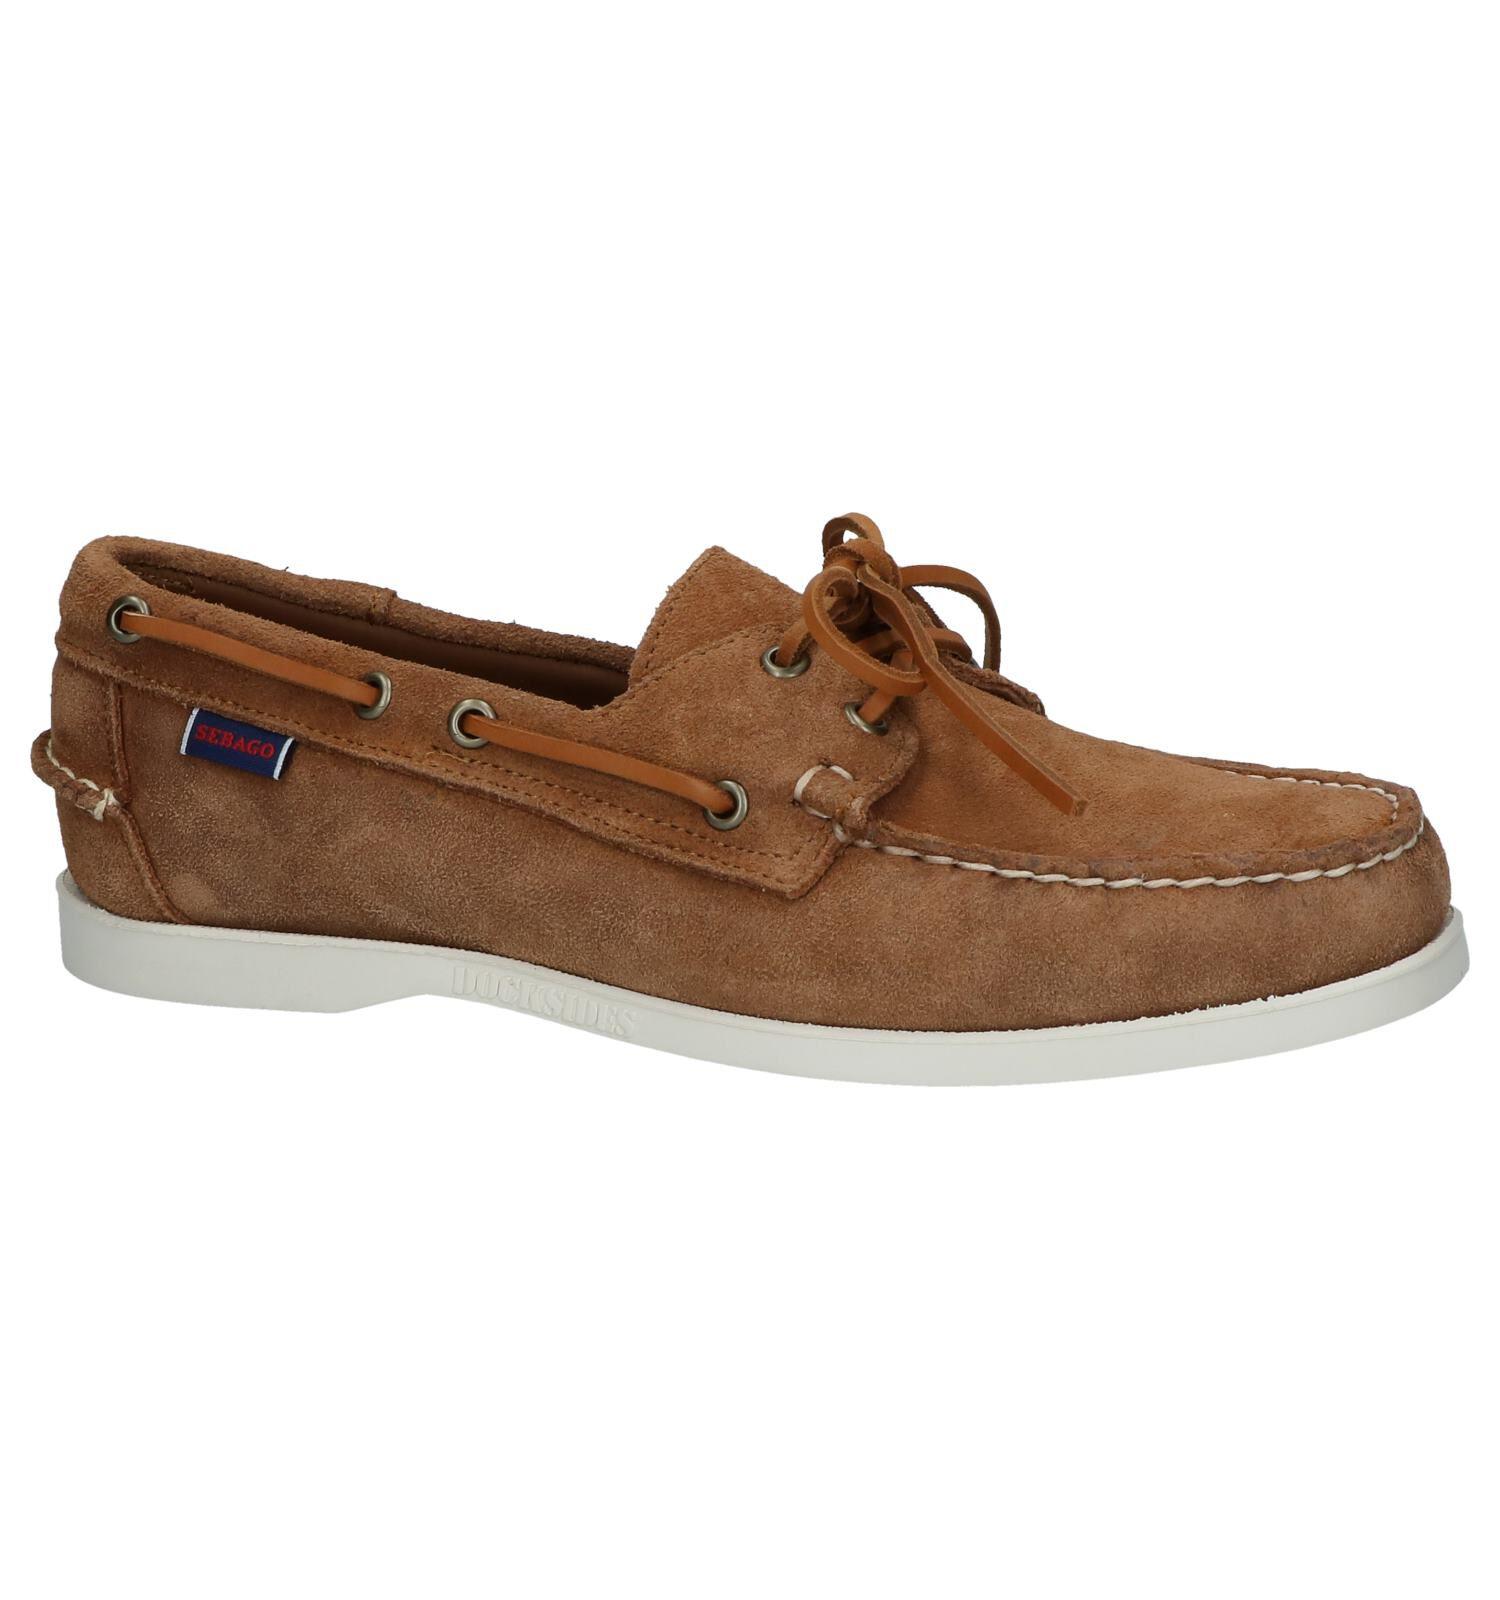 sebago bootschoenen dames